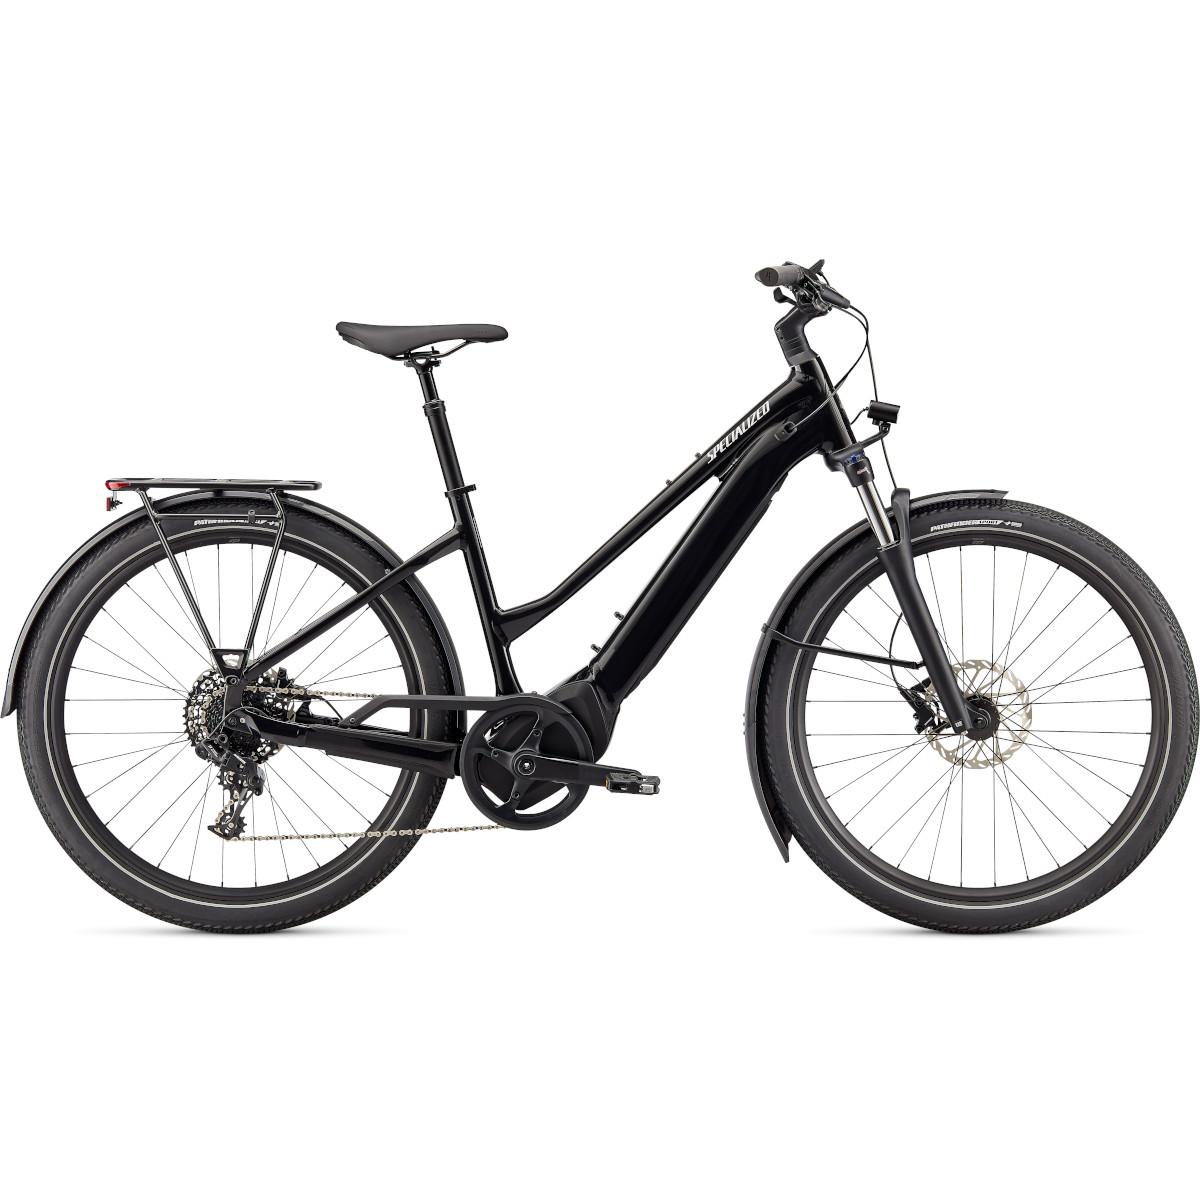 Specialized TURBO VADO 4.0 - Step-Through City E-Bike - 2022 - cast black / silver reflective